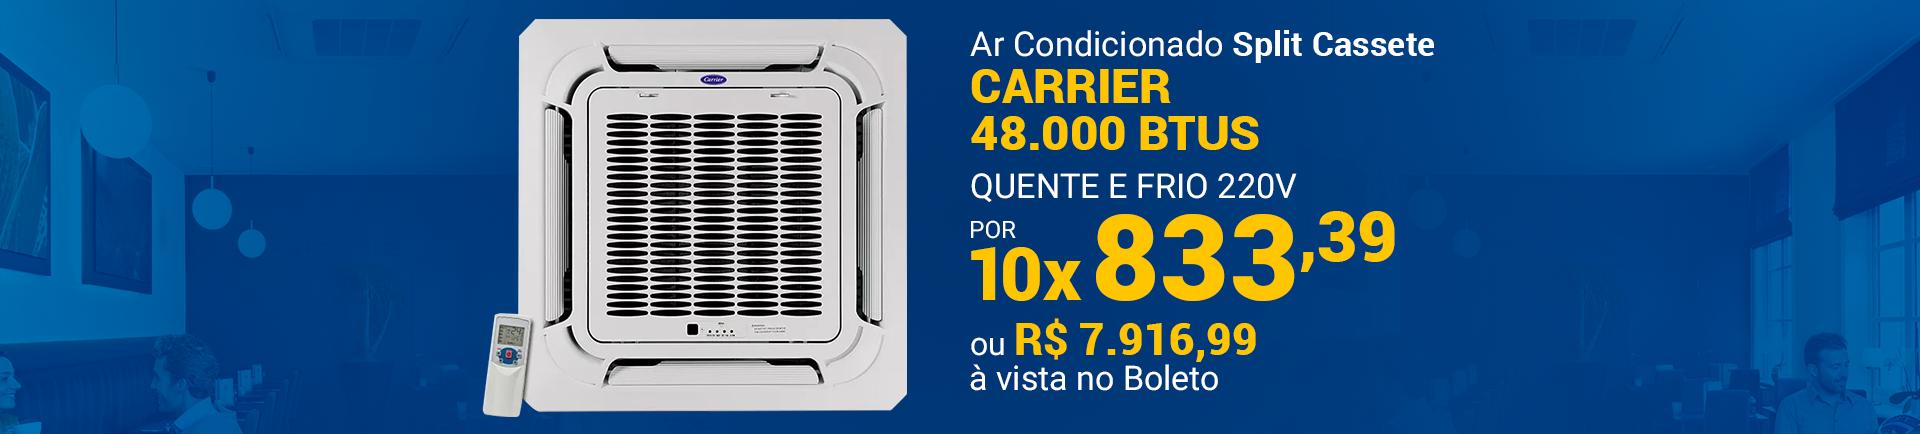 cassete carrier 48000